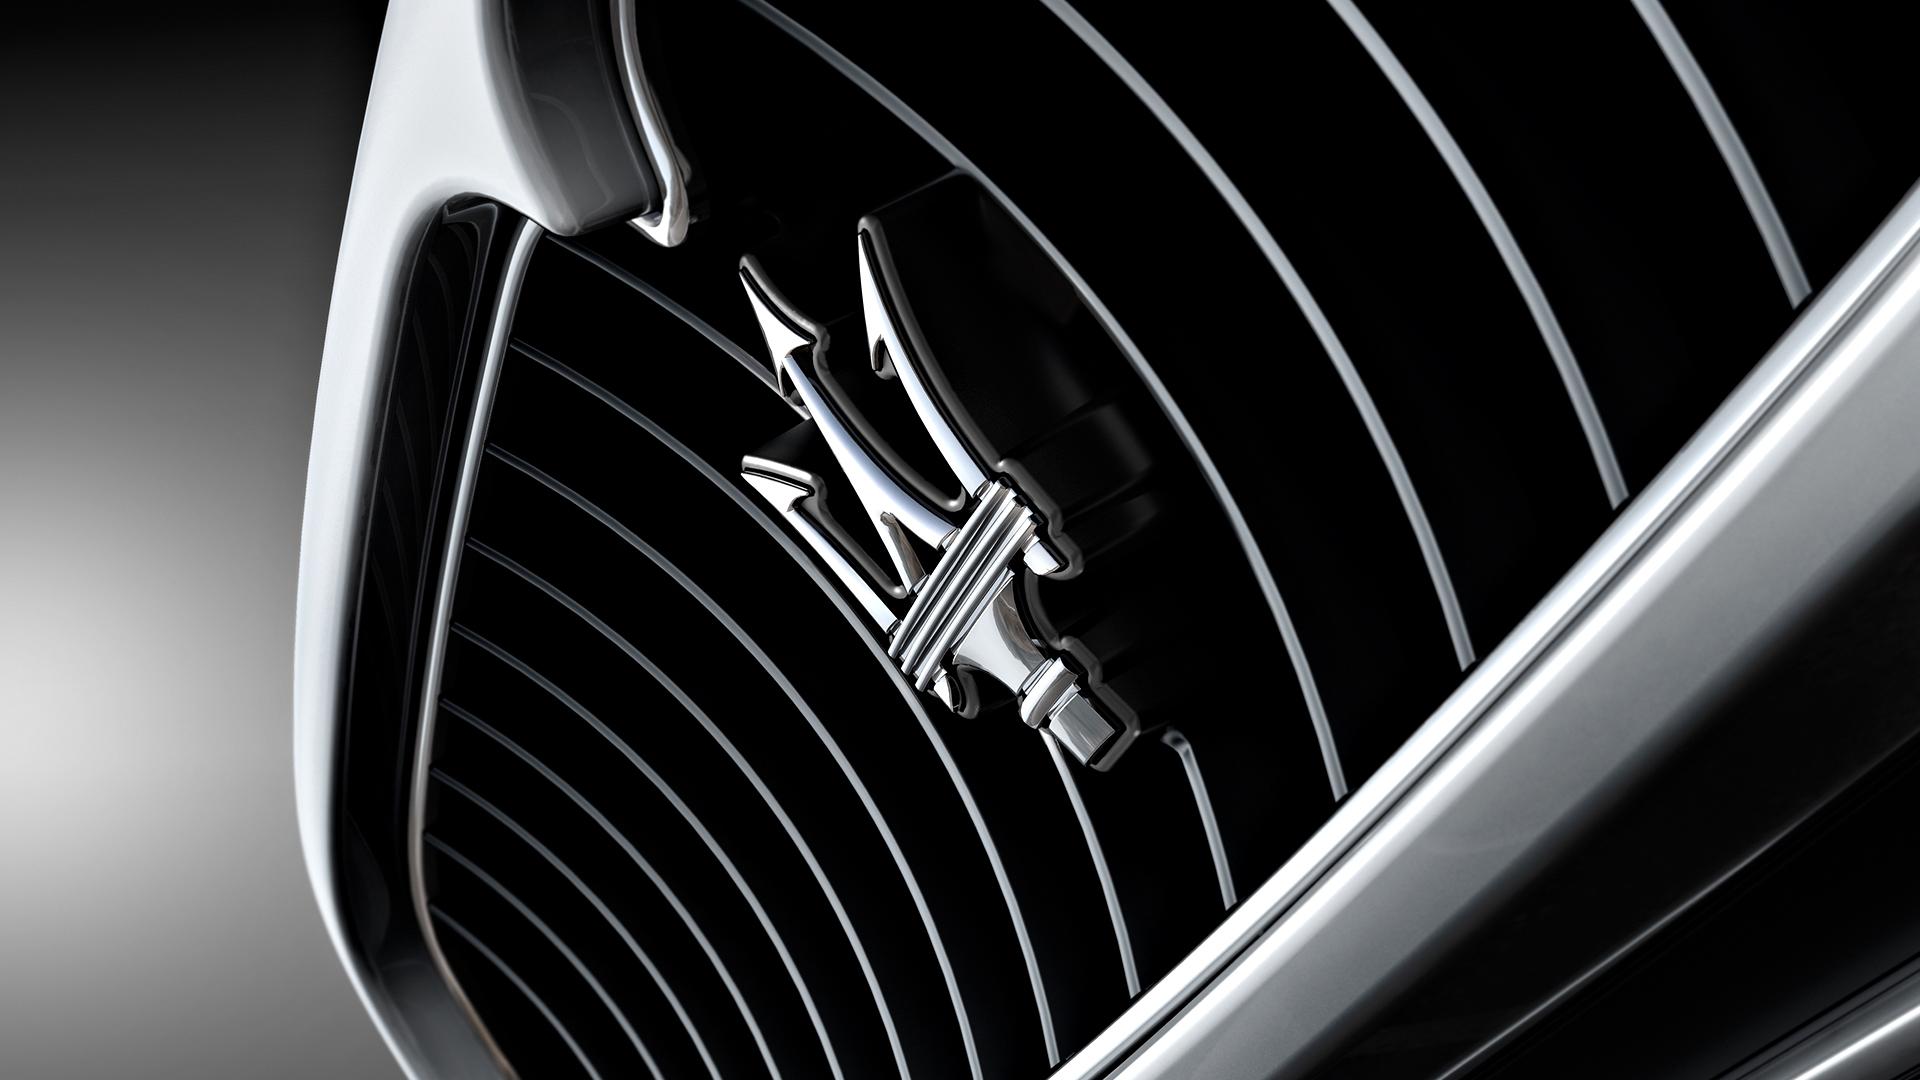 Sport Car Maserati Very Beauty Full Hd 733427 Wallpaper